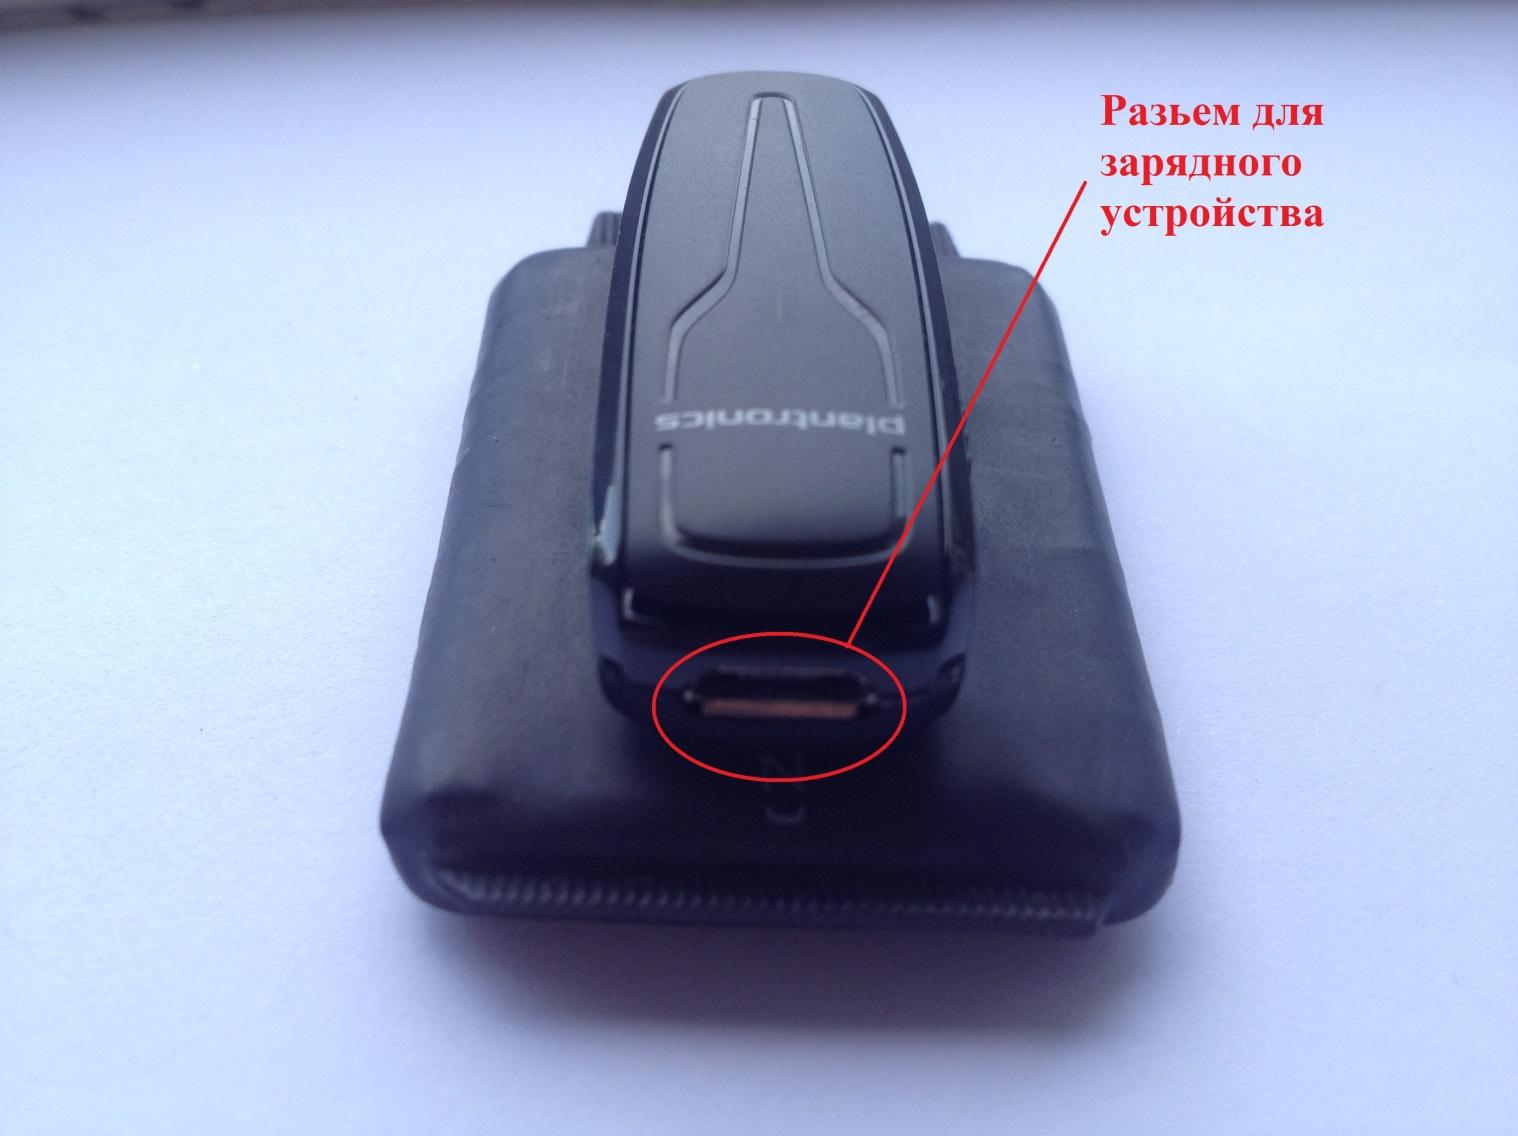 Разъем для зарядного устройства гарнитуры Powerbox для беспроводного микро наушника